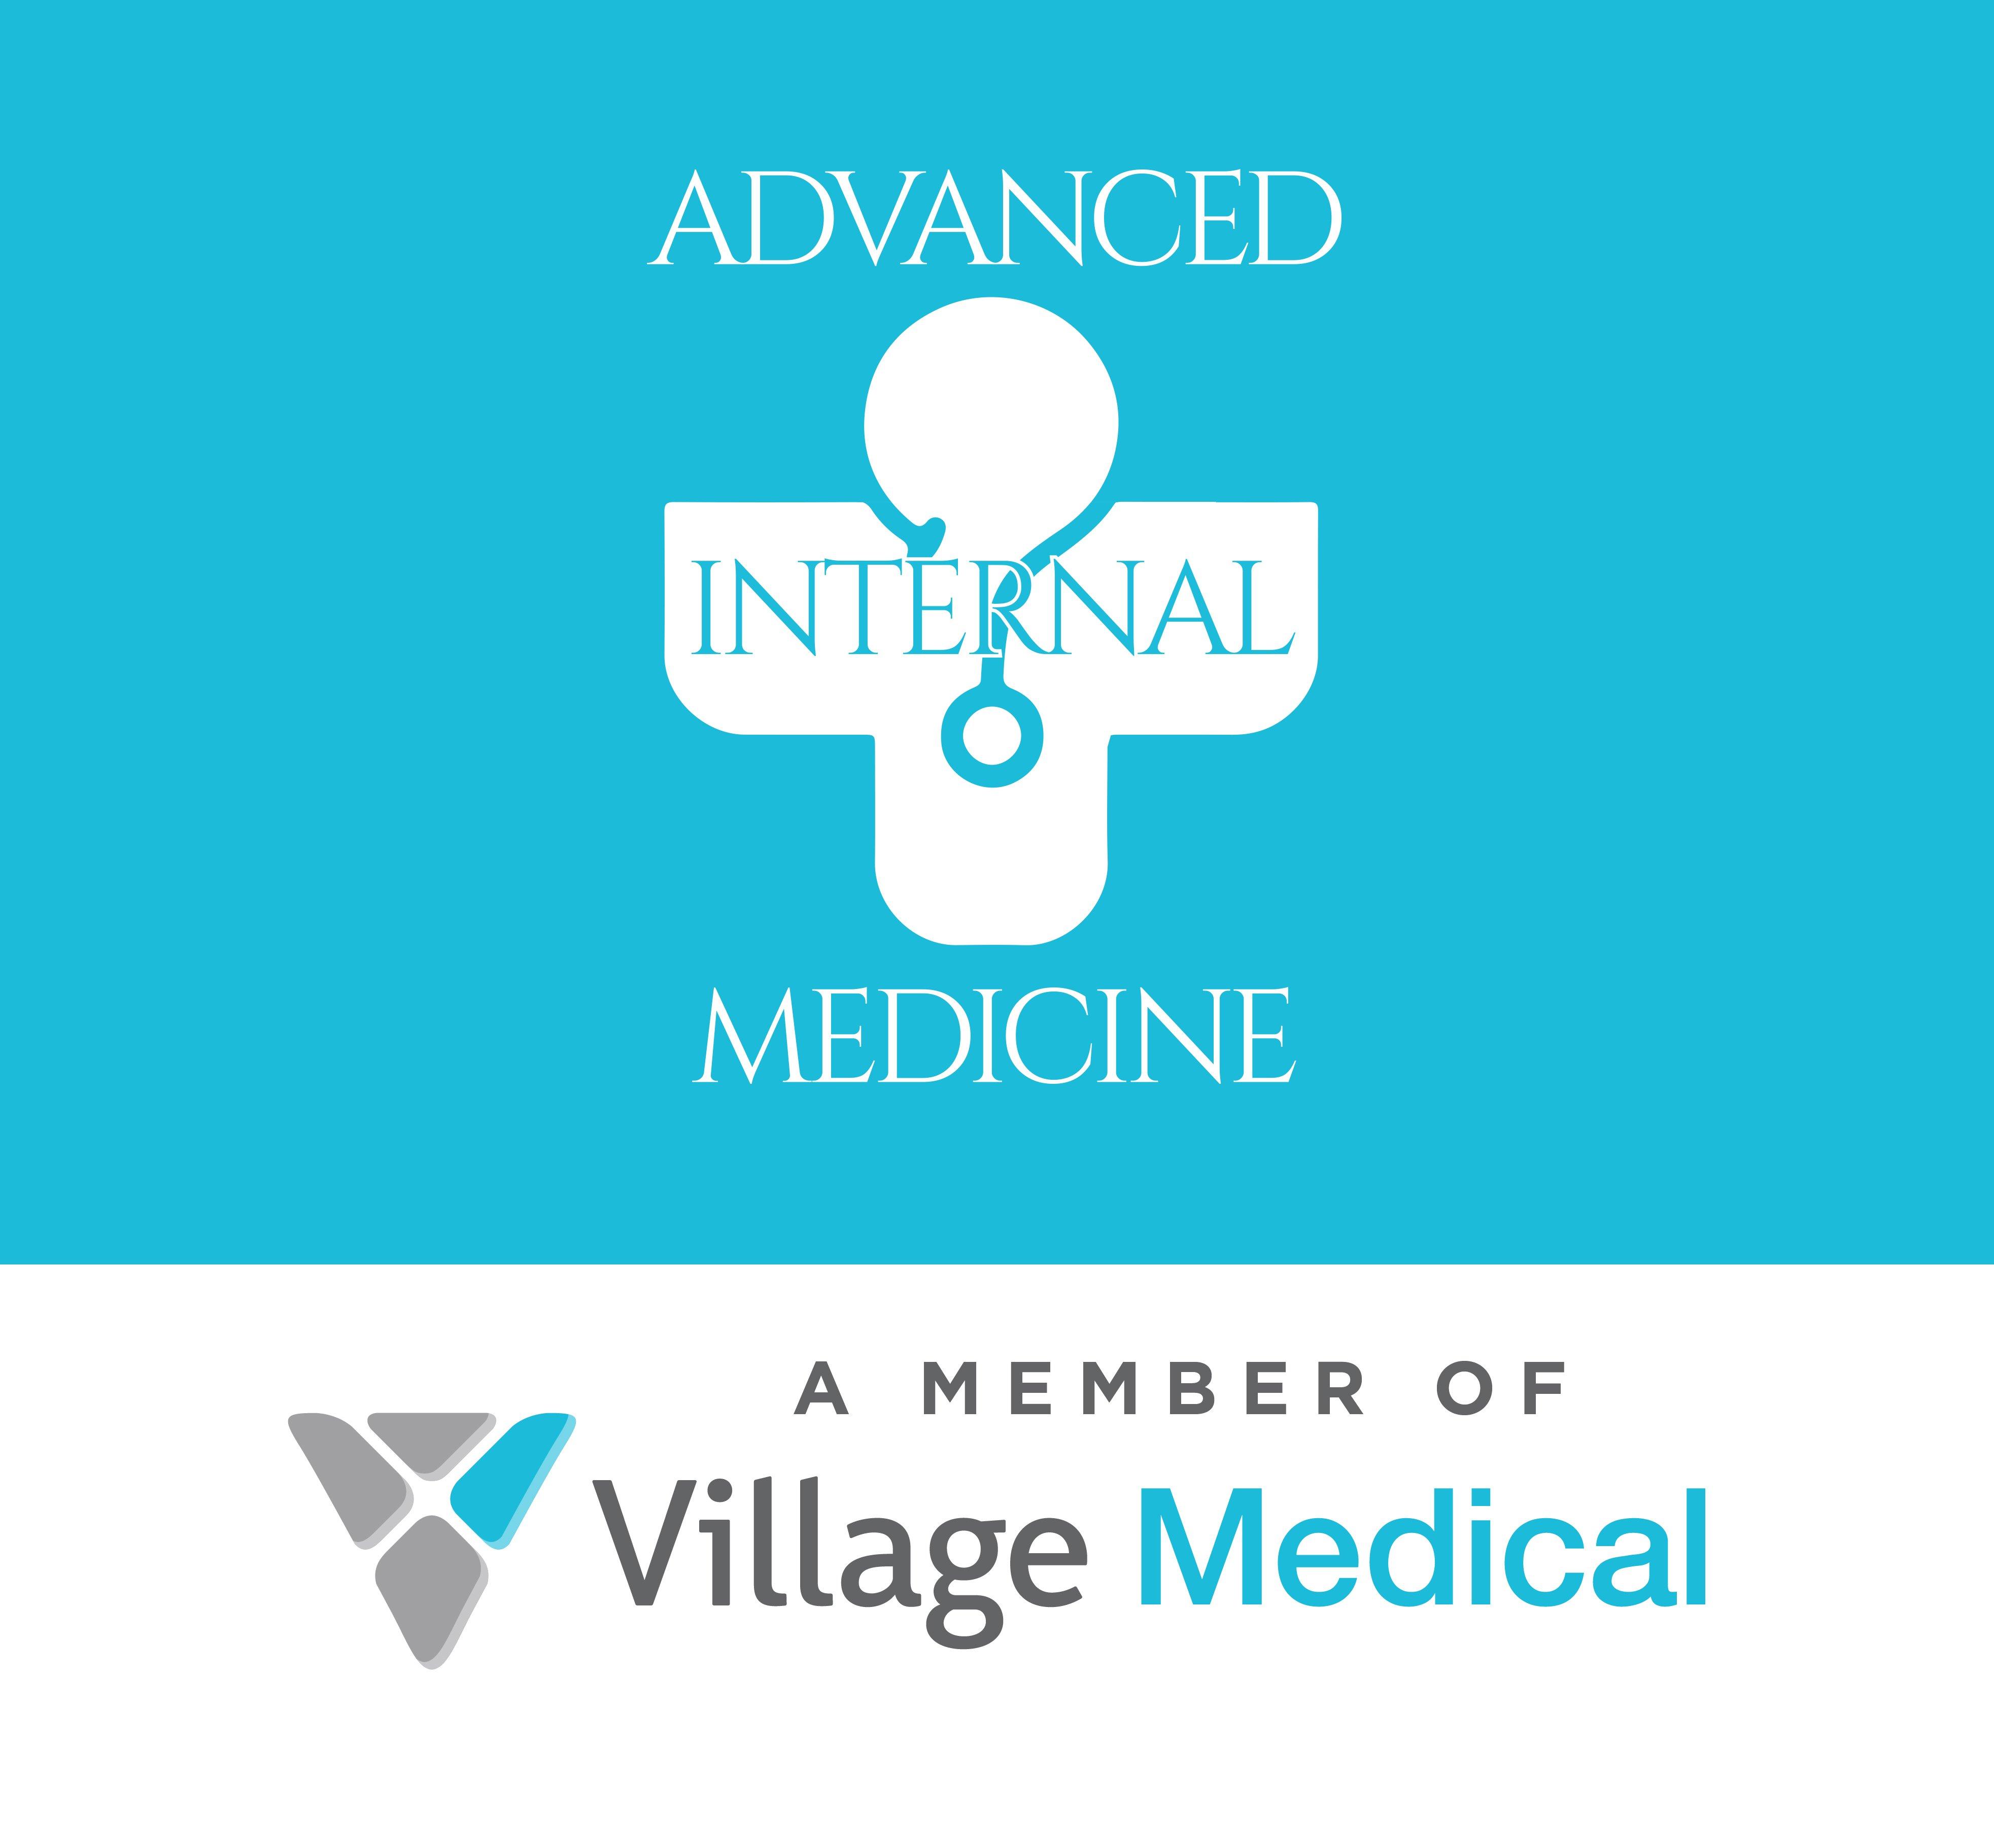 Advanced Internal Medicine, a Member of Village Medical - 4166 Snapfinger Woods Dr  Decatur, GA 30035